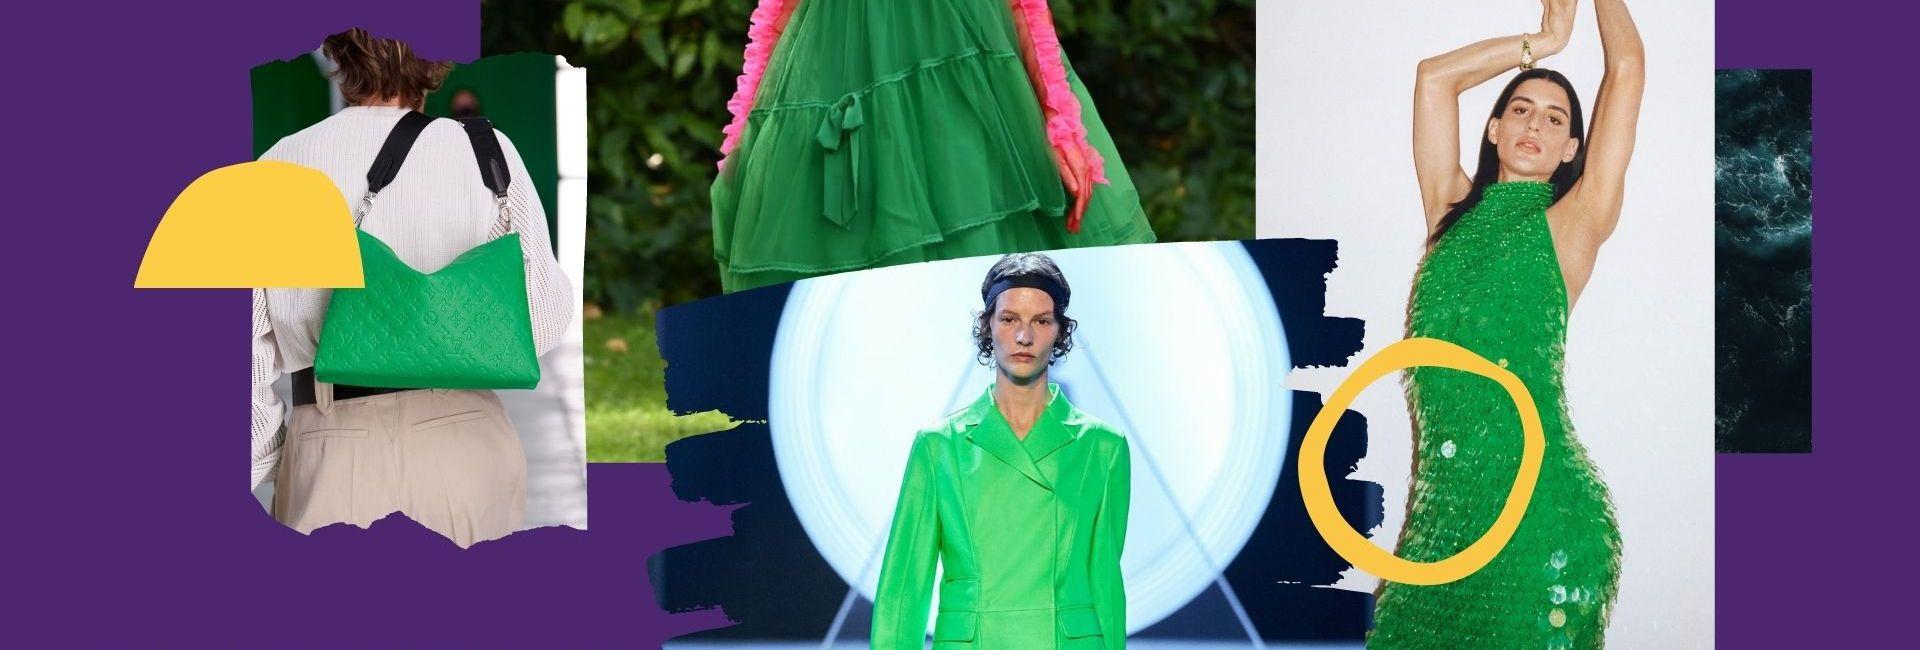 Le vert franc fait vibrer les vêtements